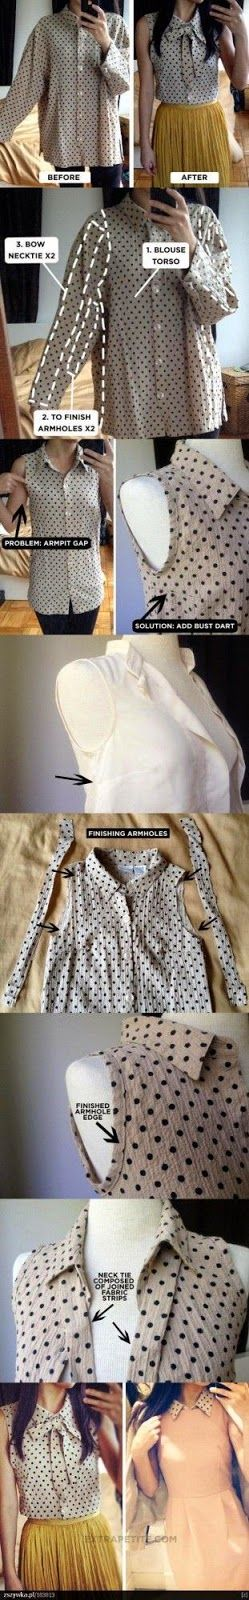 Tutoriales y DIYs: Arreglar camisa grande